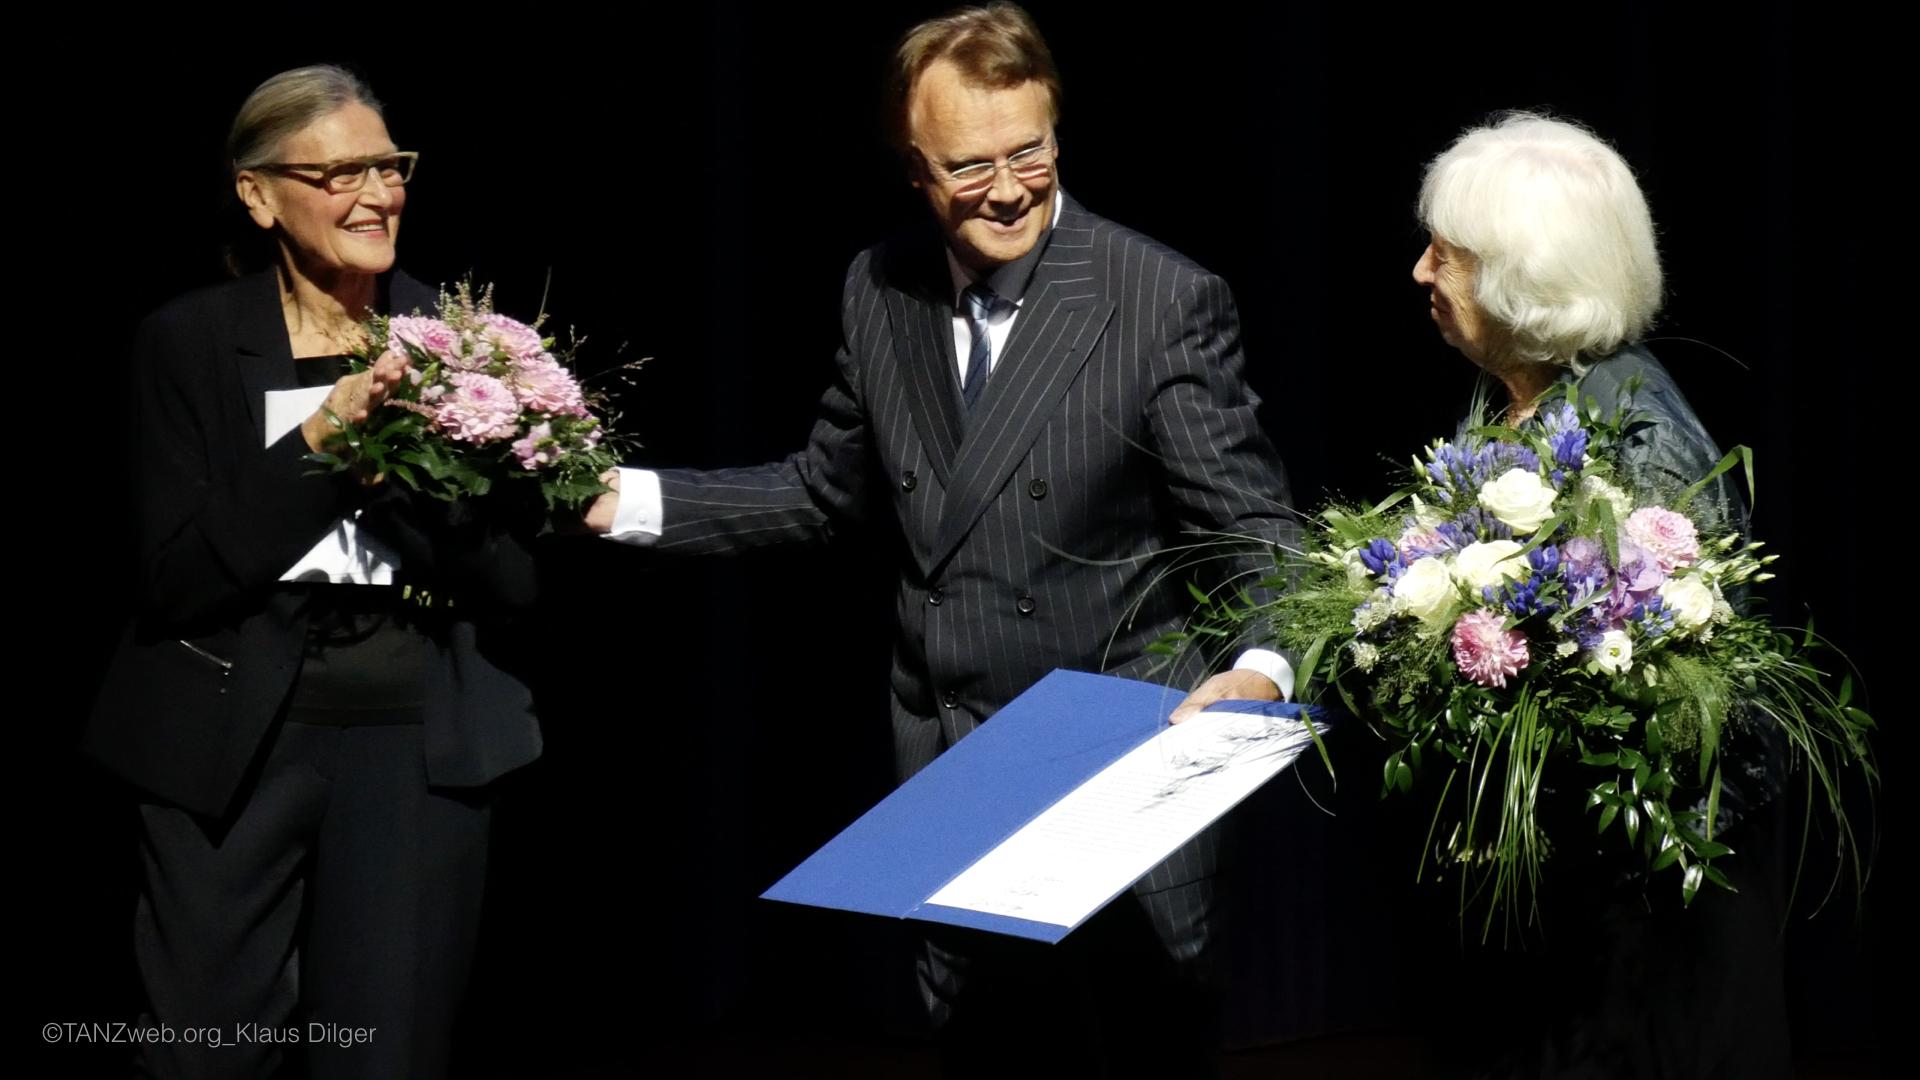 ©PRESSEBILDER Klaus Dilger_TANZWEB Verleihung Deutscher Tanzpreis 2018 in Essen an Nele Hertling